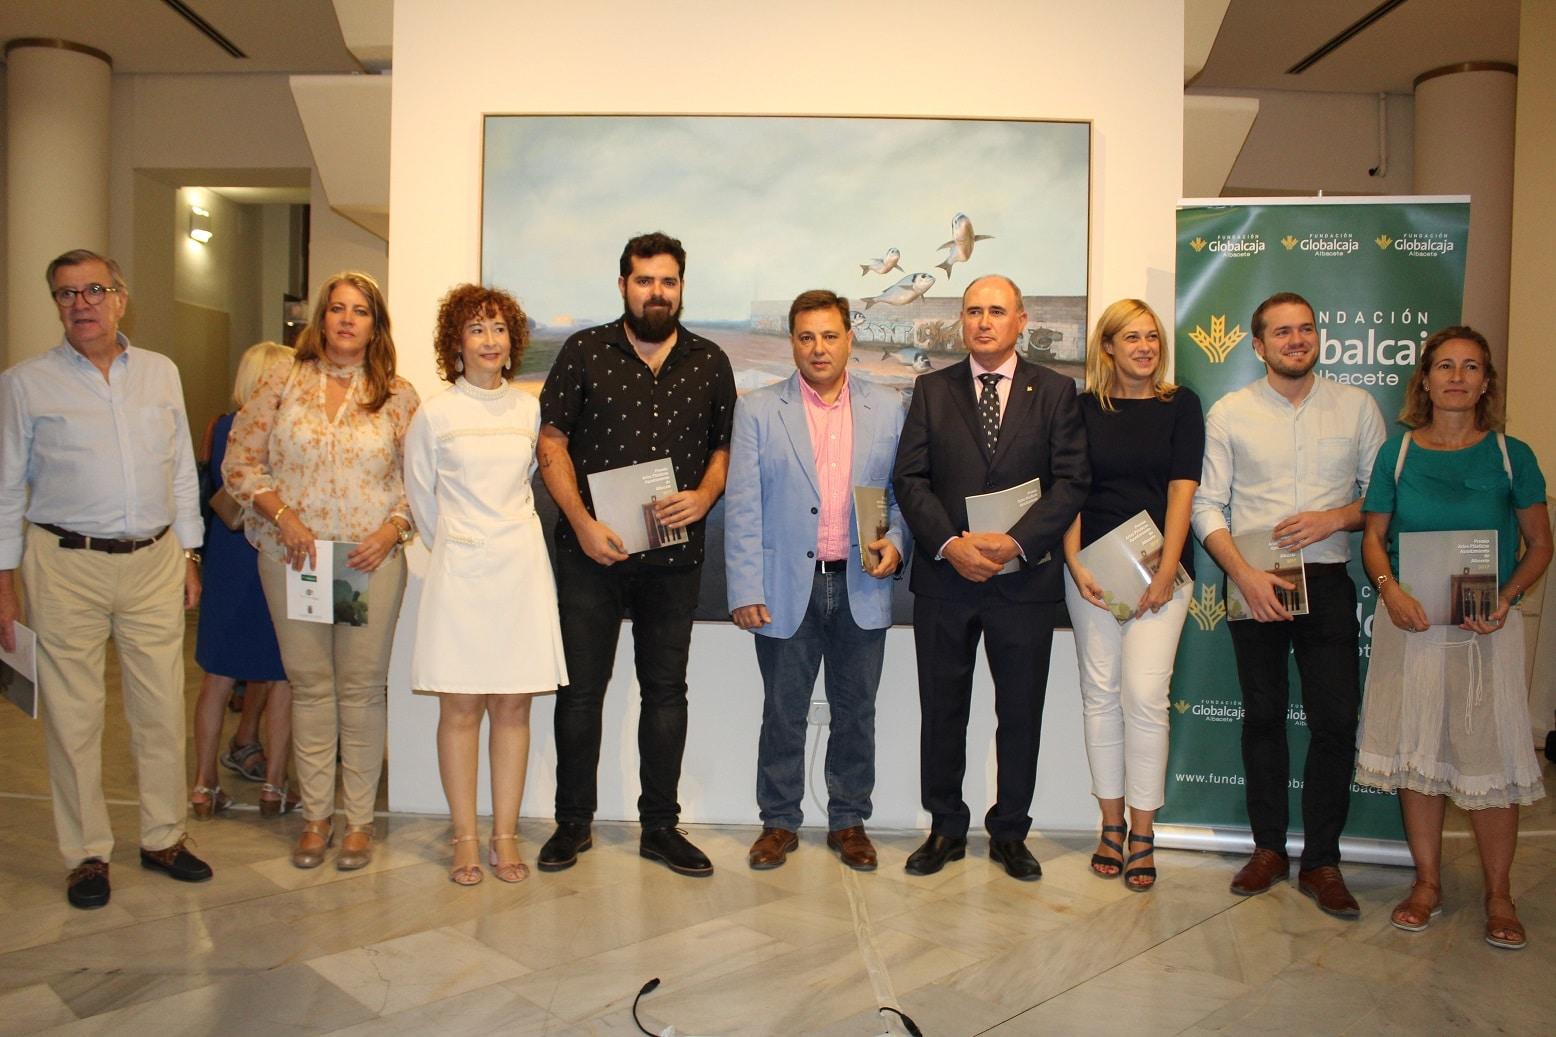 https://blog.globalcaja.es/wp-content/uploads/2017/09/Foto.Inauguración-Exposición-Artes-Plásticas-del-Ayuntamiento-de-Albacete-3.jpg